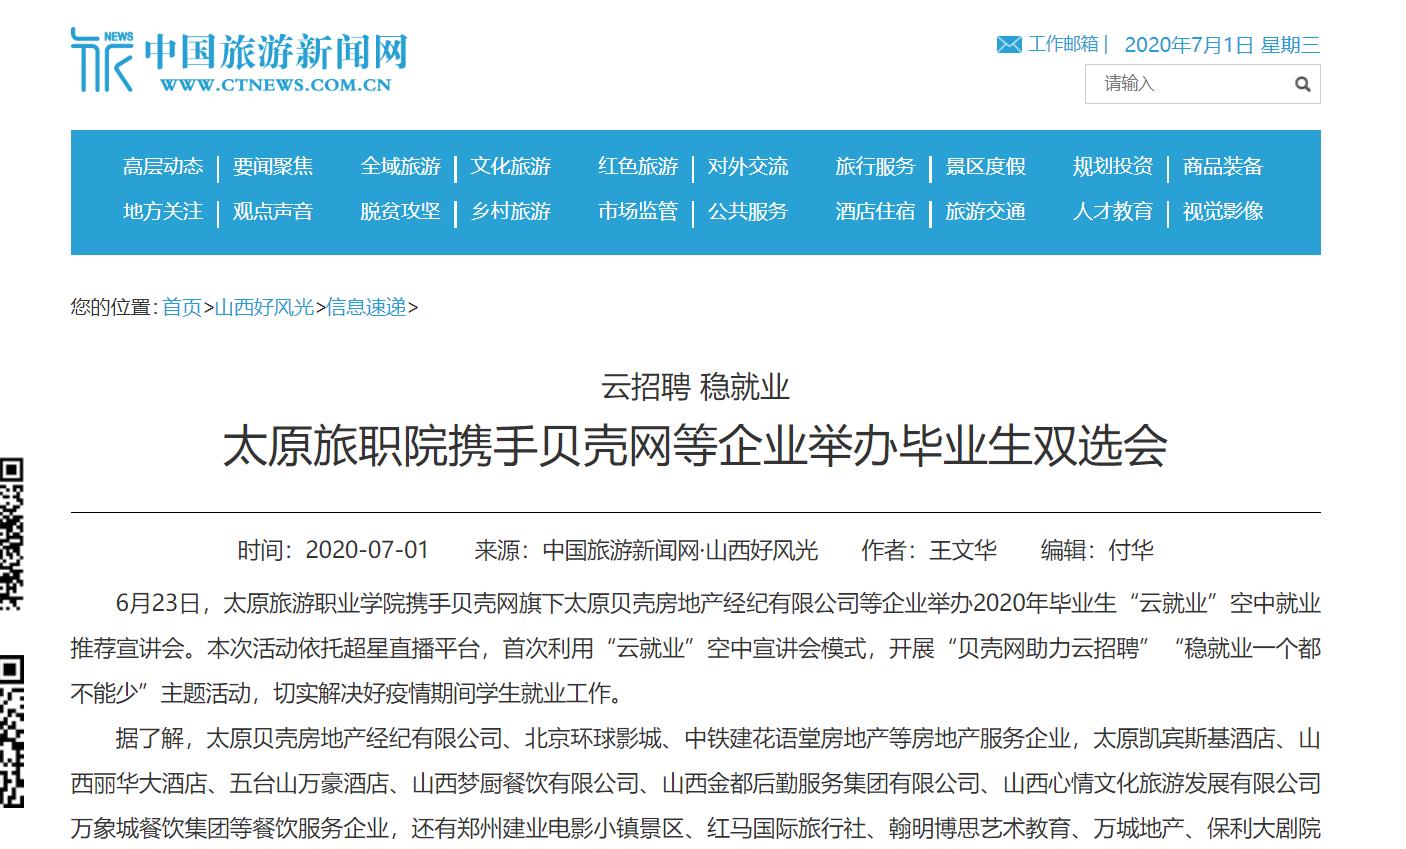 中国旅游新闻网报道我院开展毕业生线上双选会